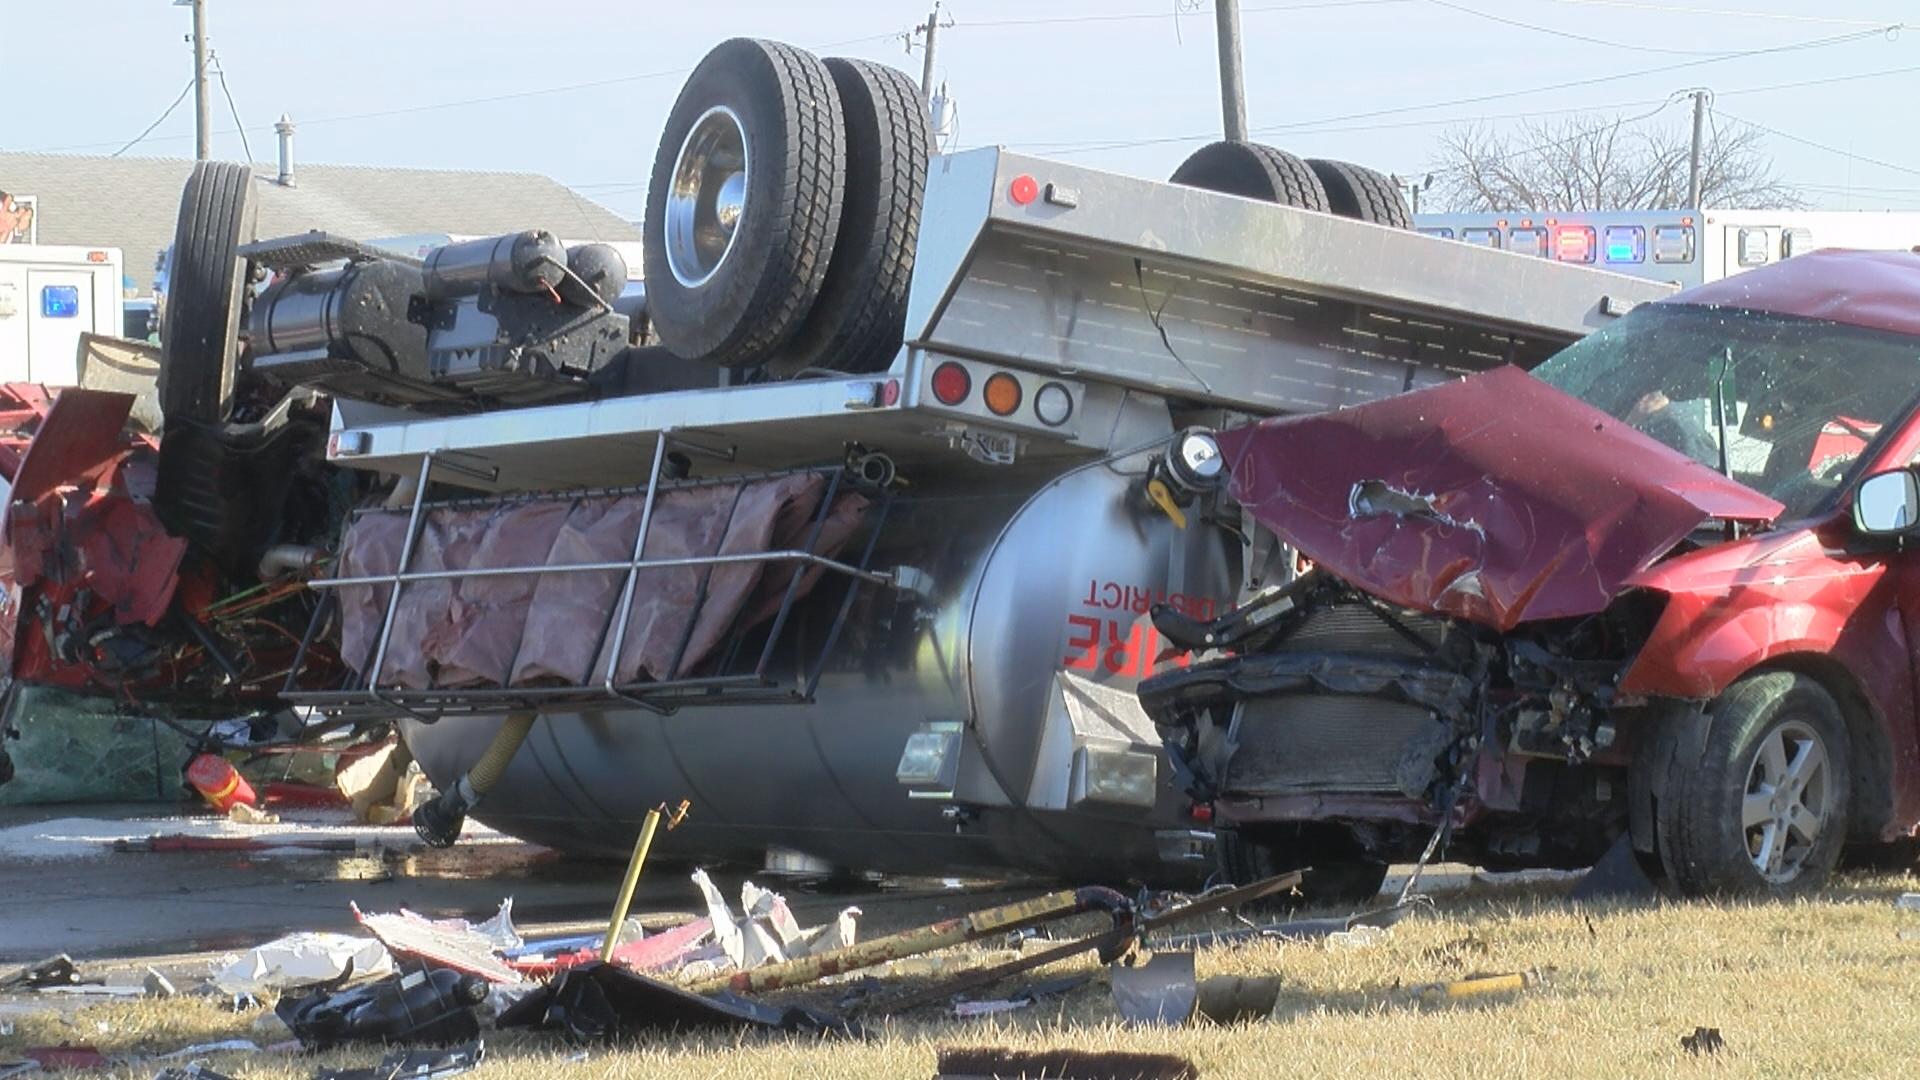 truckwreck_1518535008525.jpg